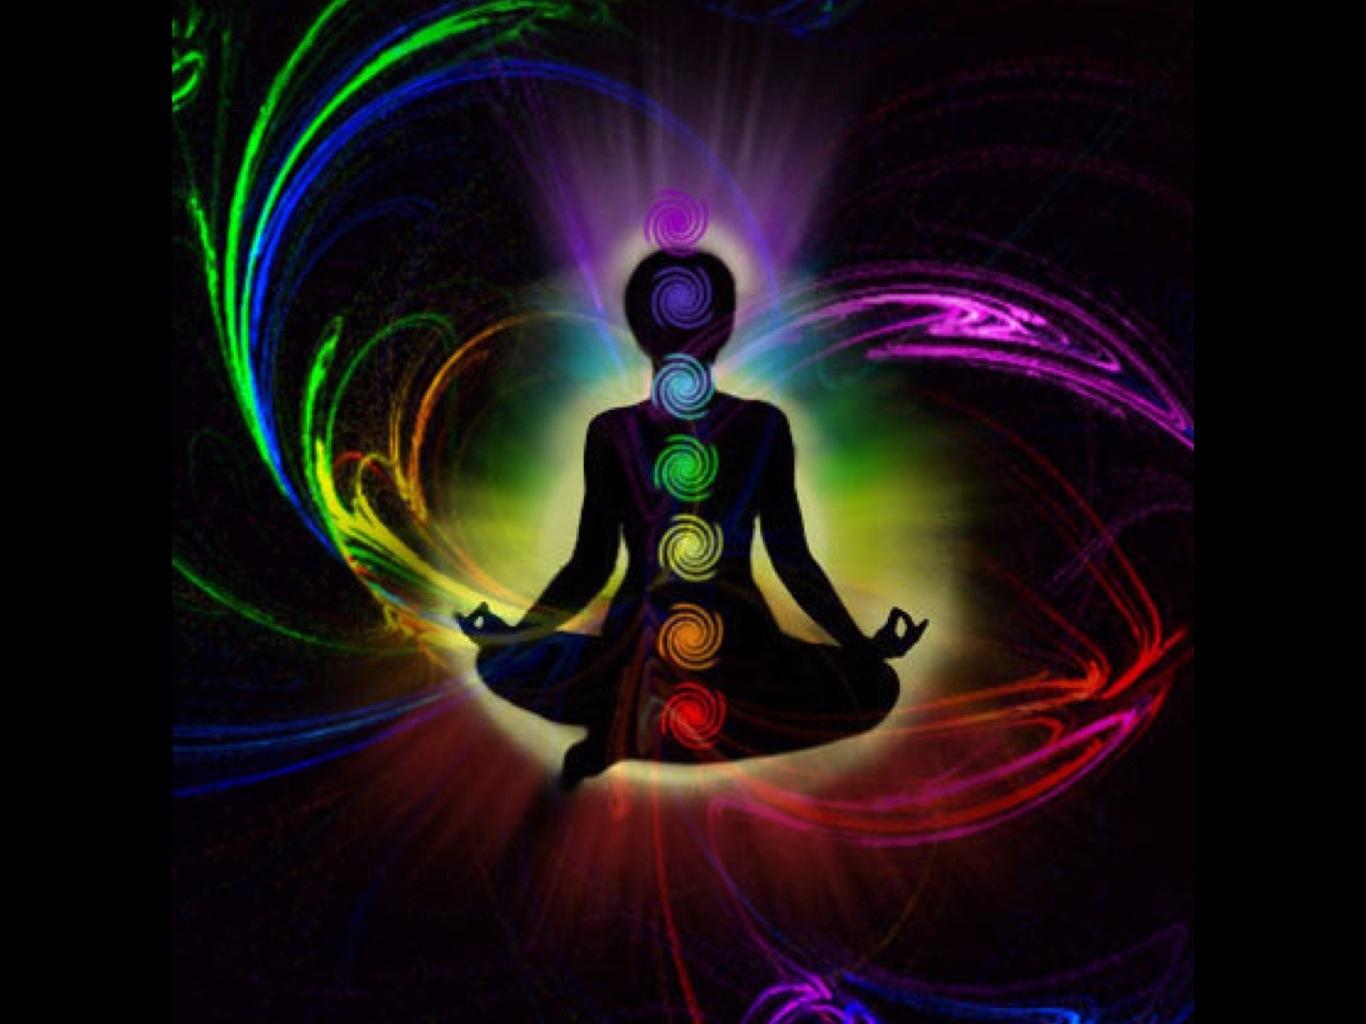 Исцеление чакр. Восстановление энергетического баланса организма.